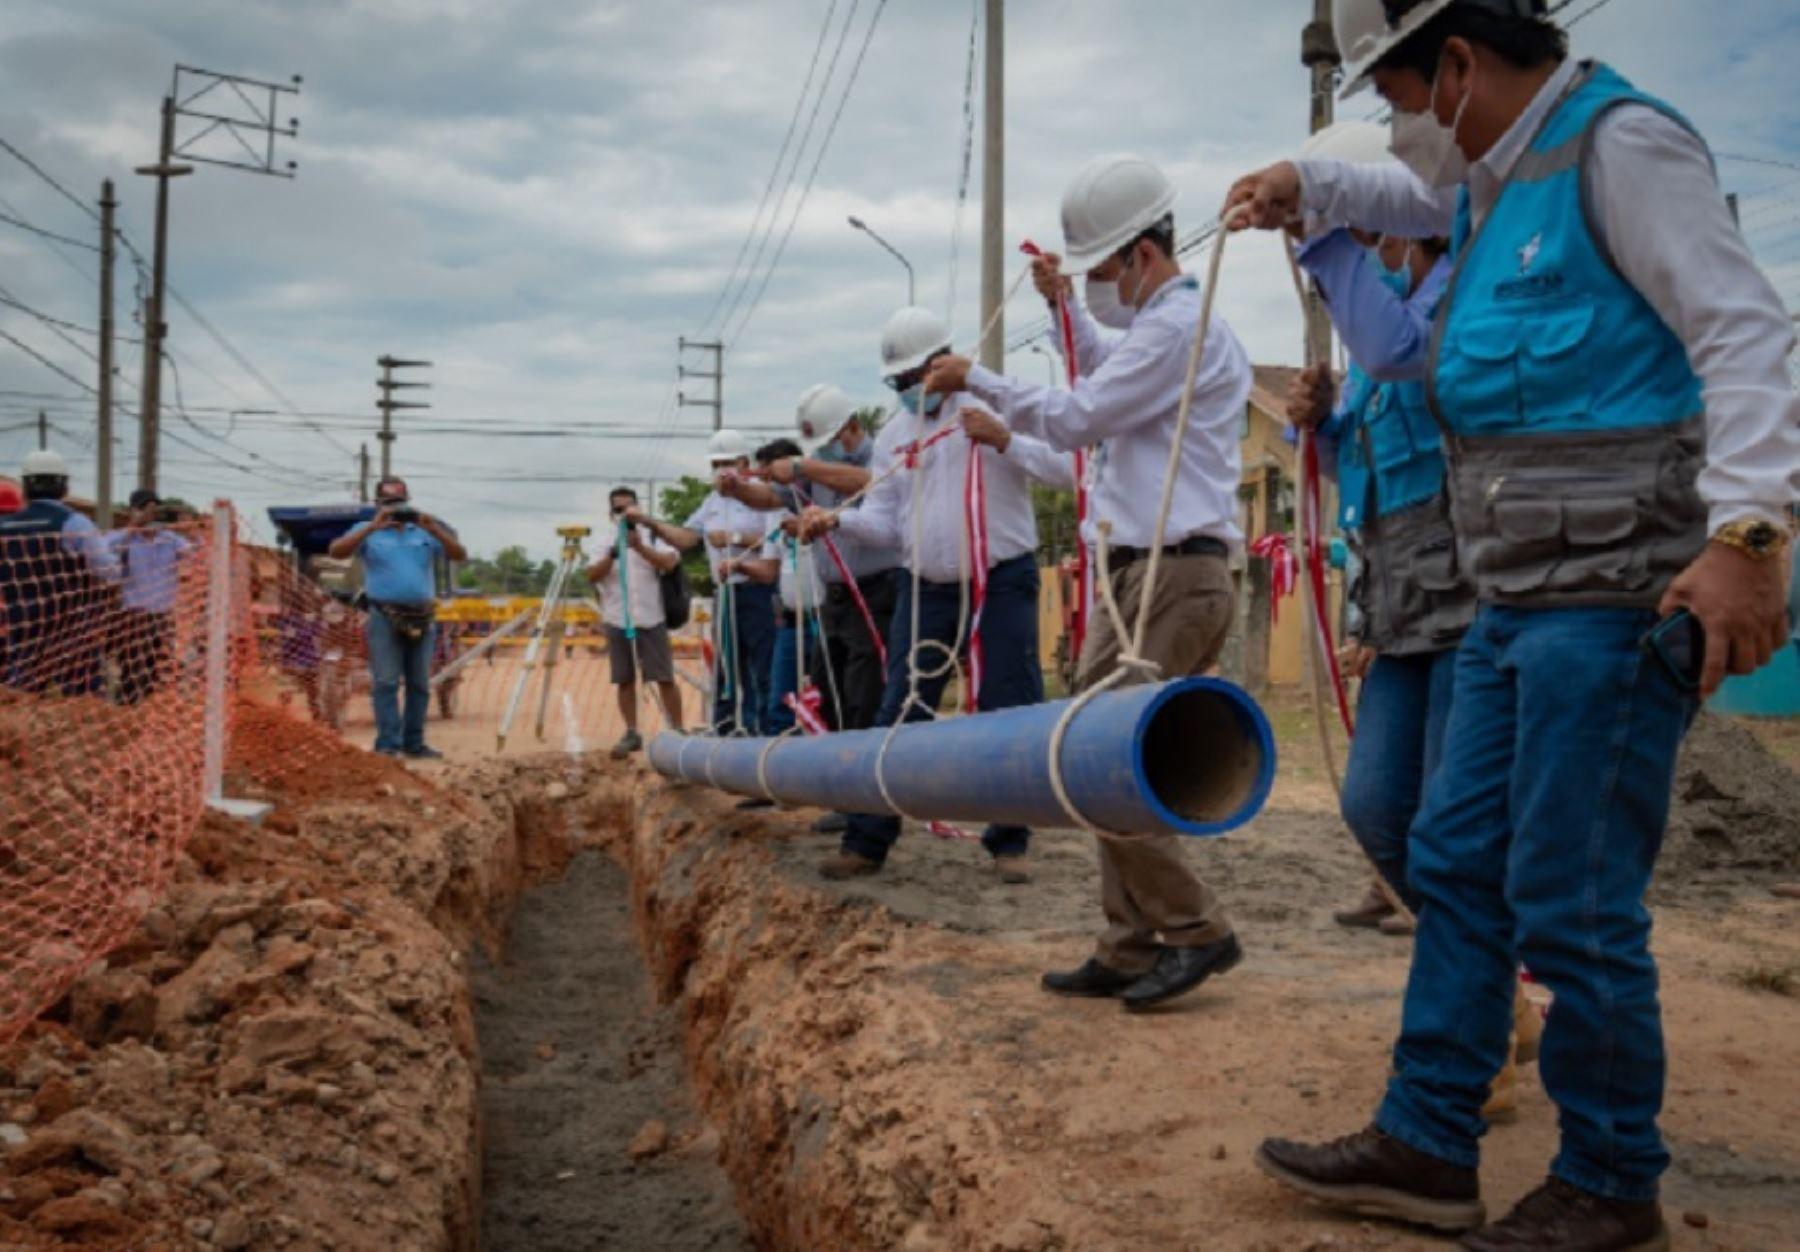 El director ejecutivo del Organismo Técnico de la Administración de los Servicios de Saneamiento (OTASS), Hugo Ortega Polar, junto al alcalde provincial de coronel Portillo, Segundo Pérez Collazos, participó en el acto de colocación del primer tubo de la obra de construcción.